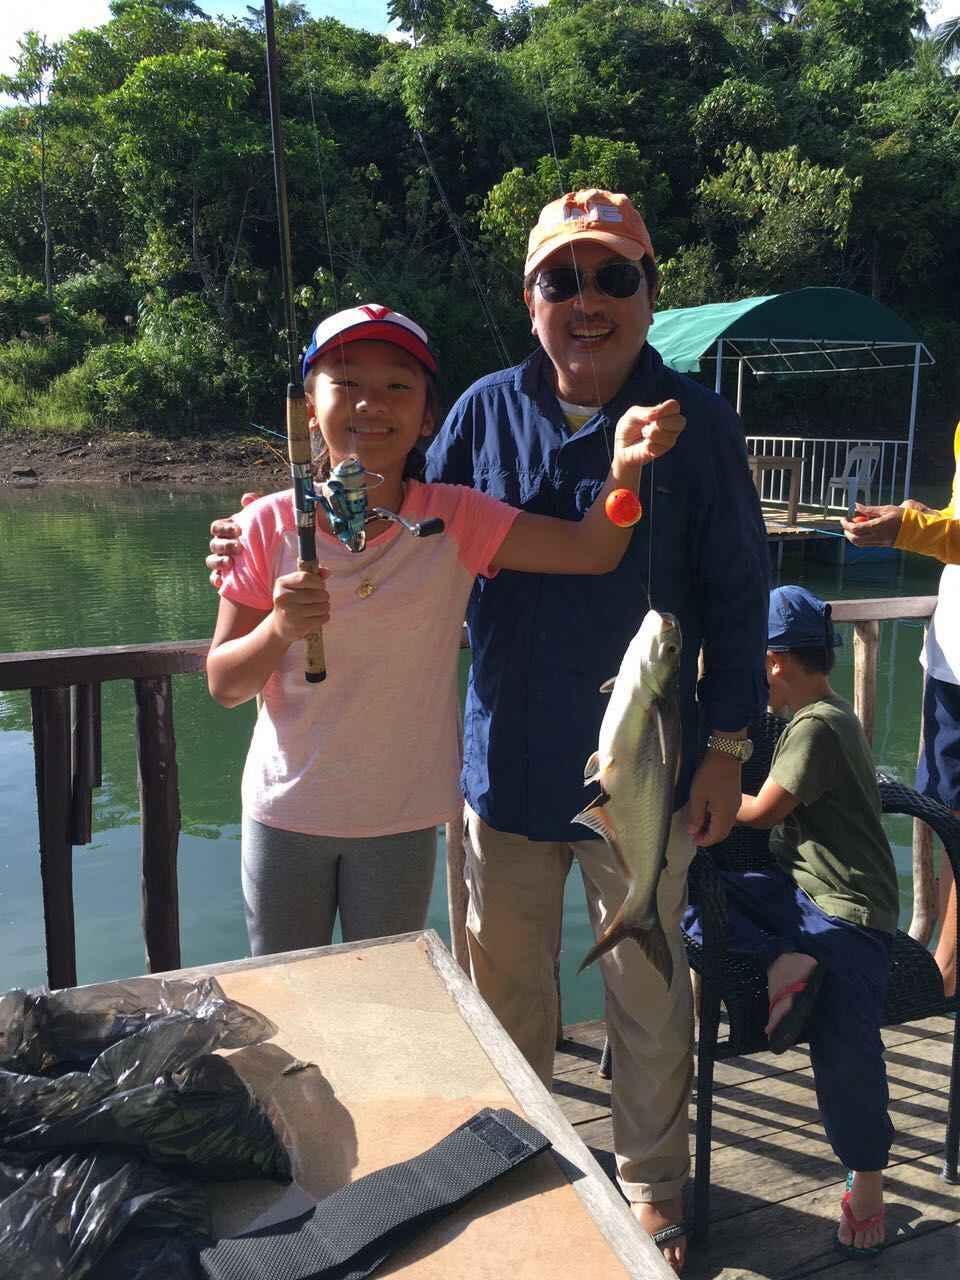 Caliraya_Springs_Golf_Fishing_Tournament-05.jpg